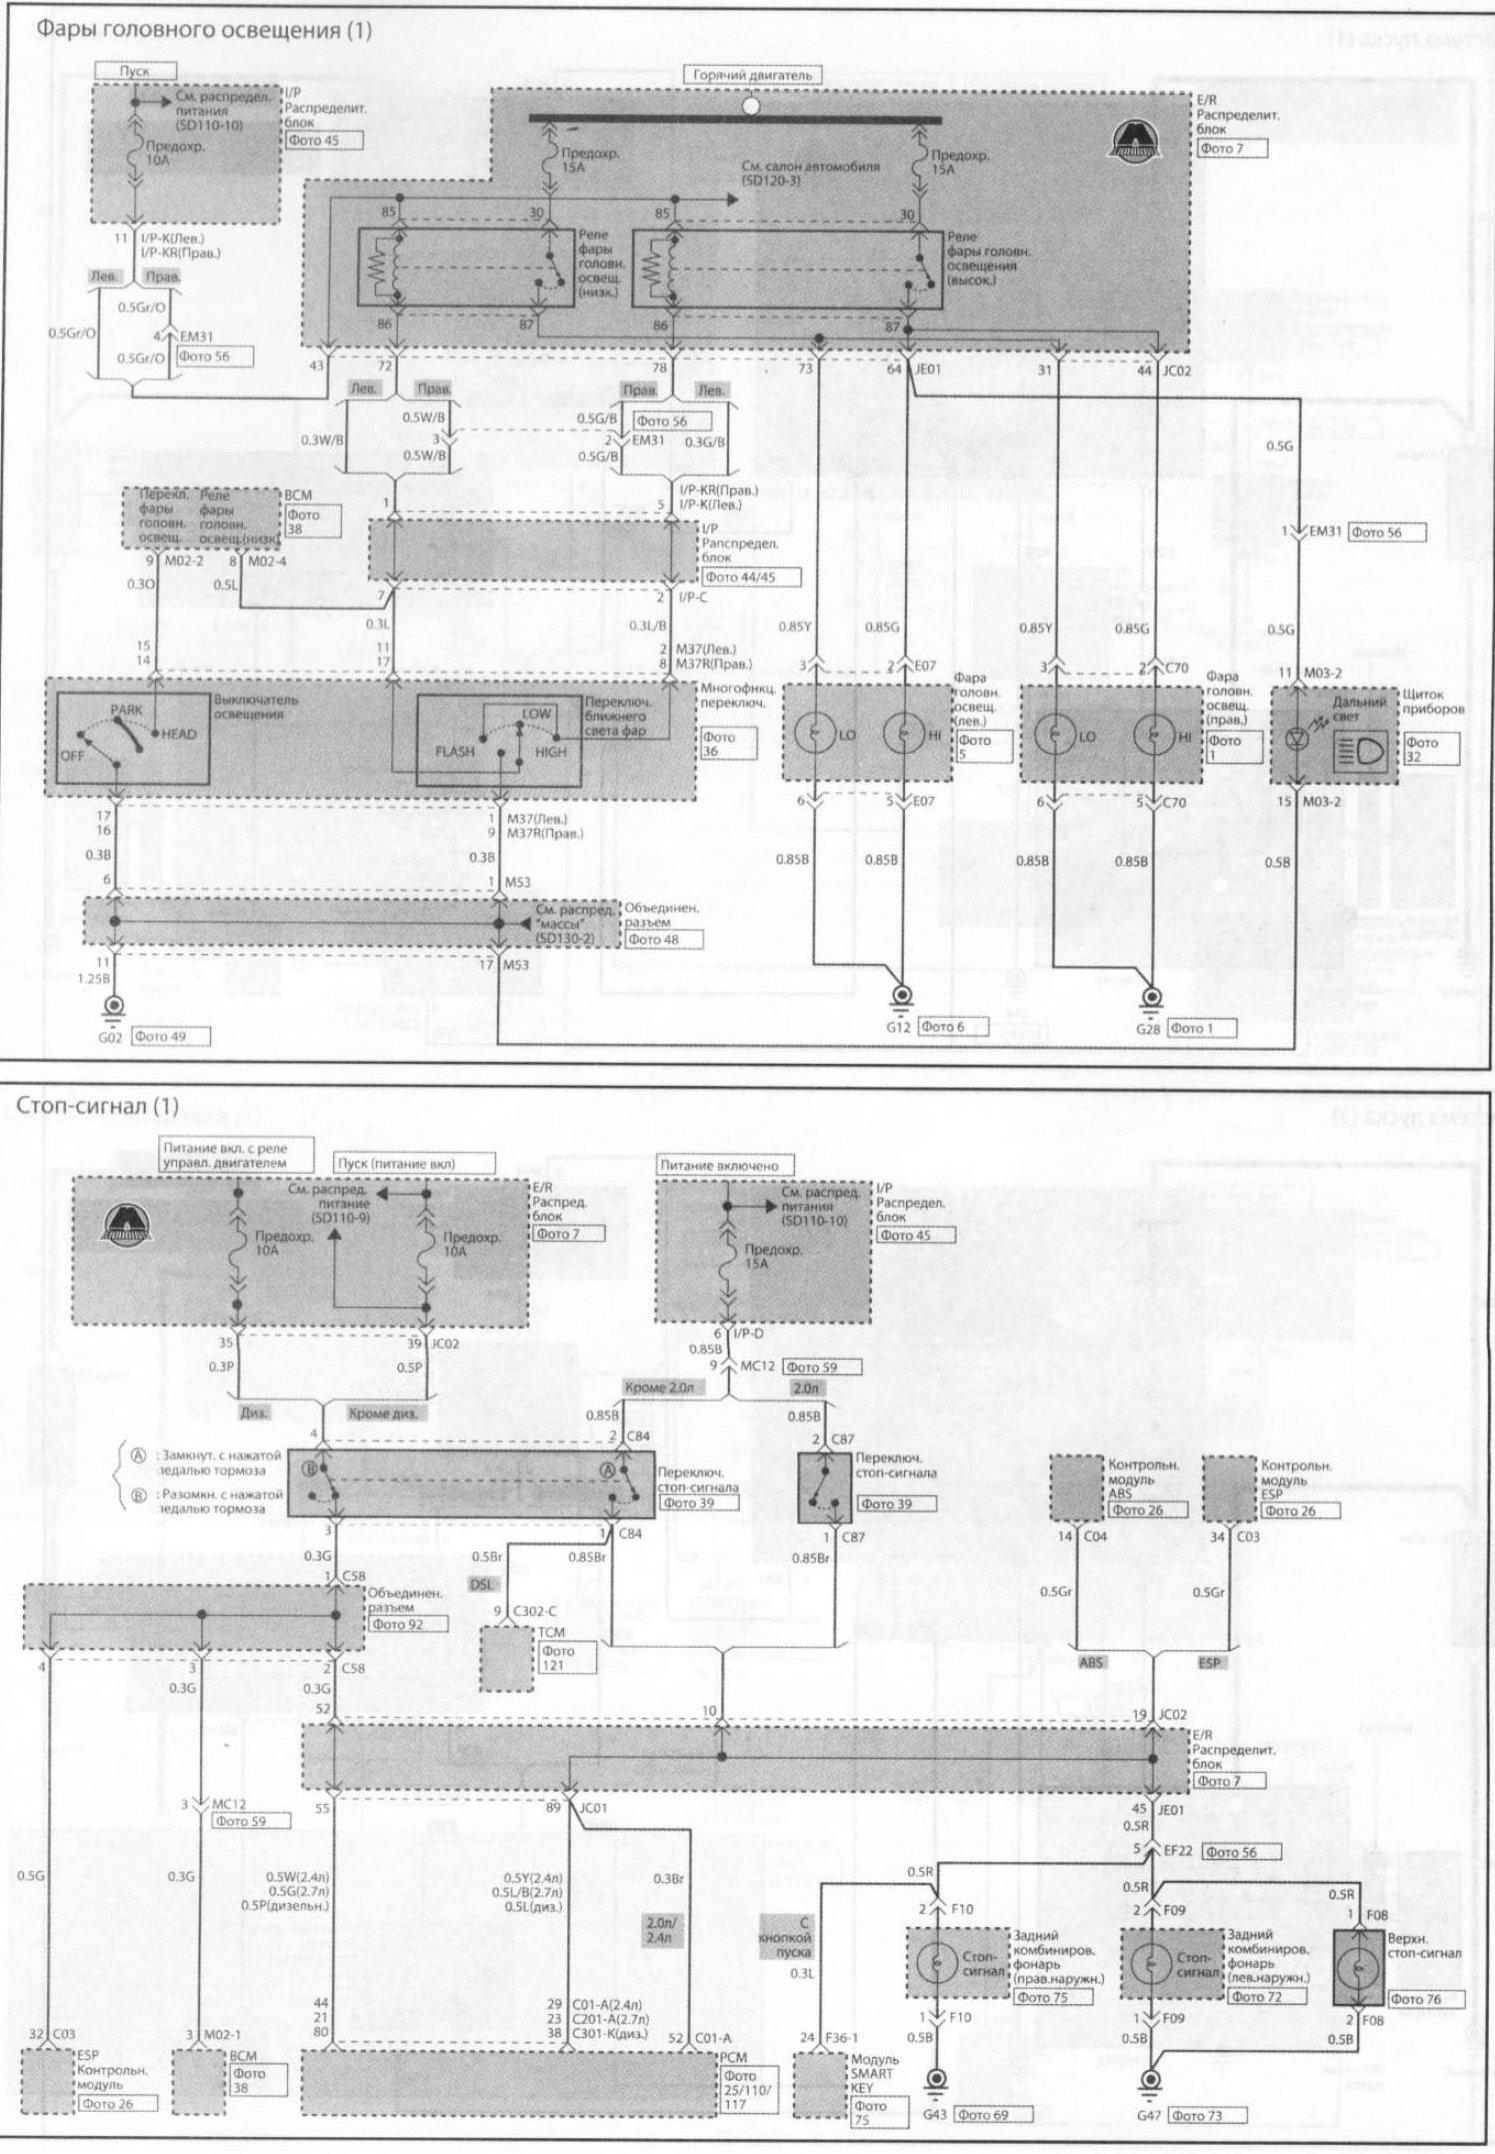 medium resolution of kia wiring diagrams 11 11 nuerasolar co u2022kia car manuals wiring diagrams pdf fault codes